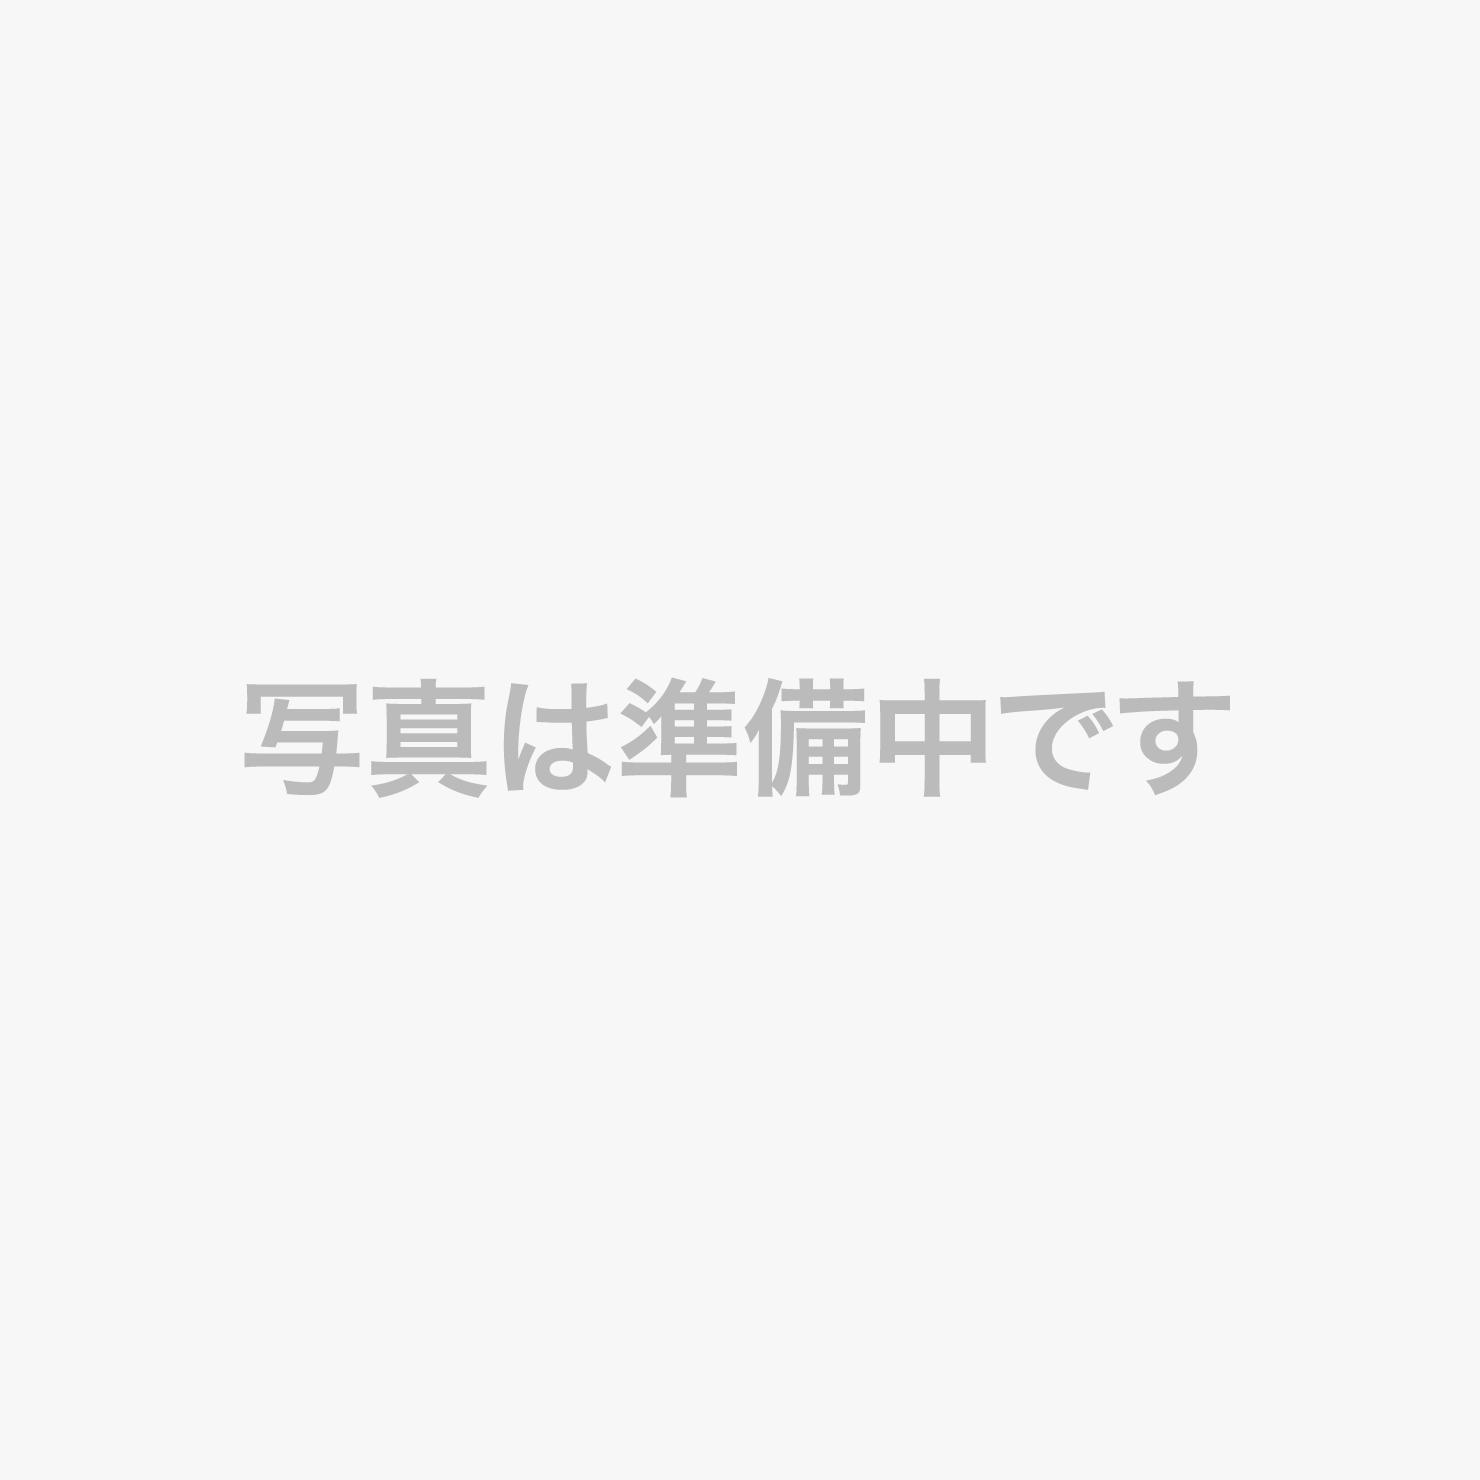 【ラグーン】パレットピア号